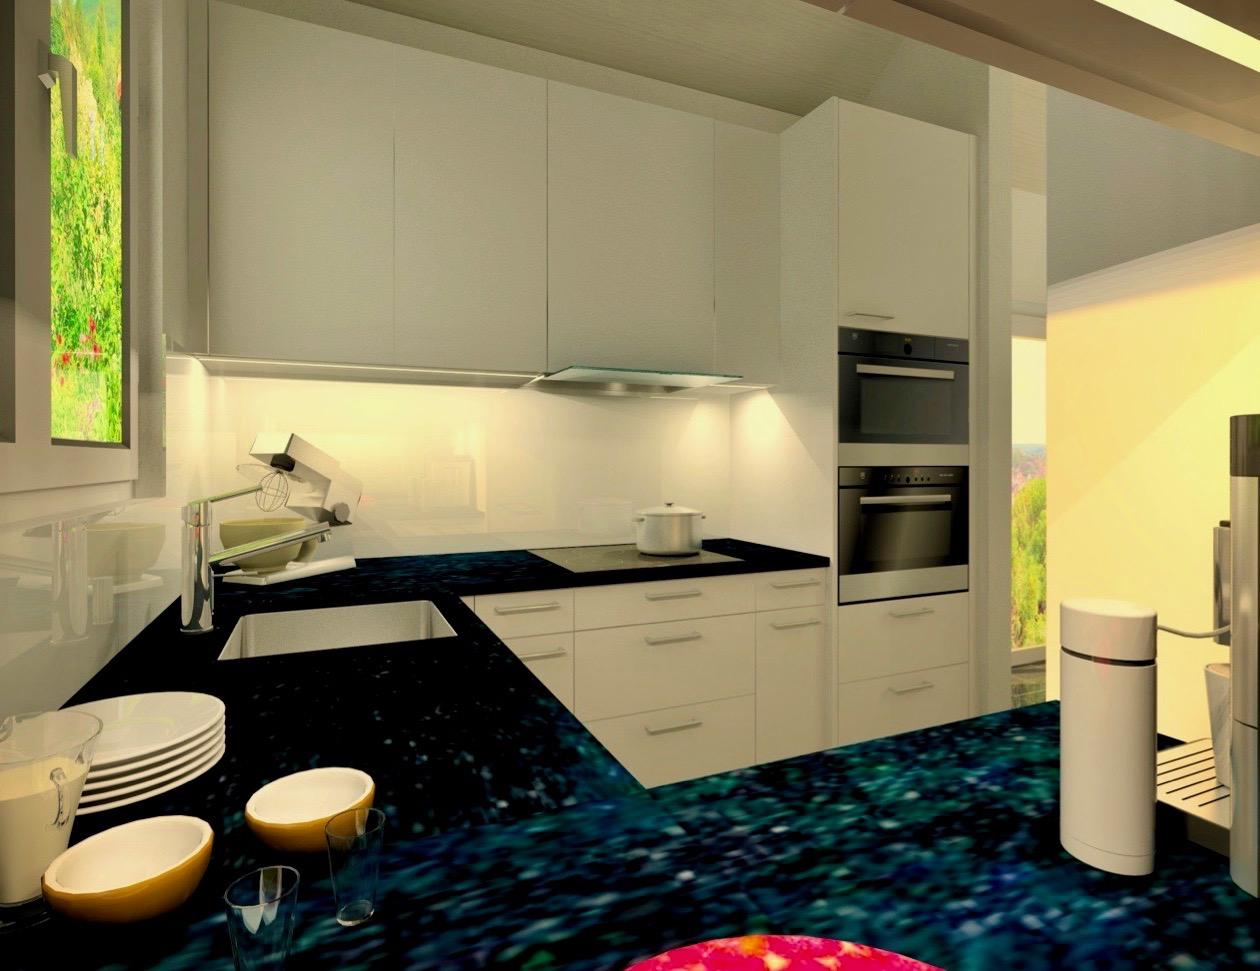 Bilder Küche 2.jpg